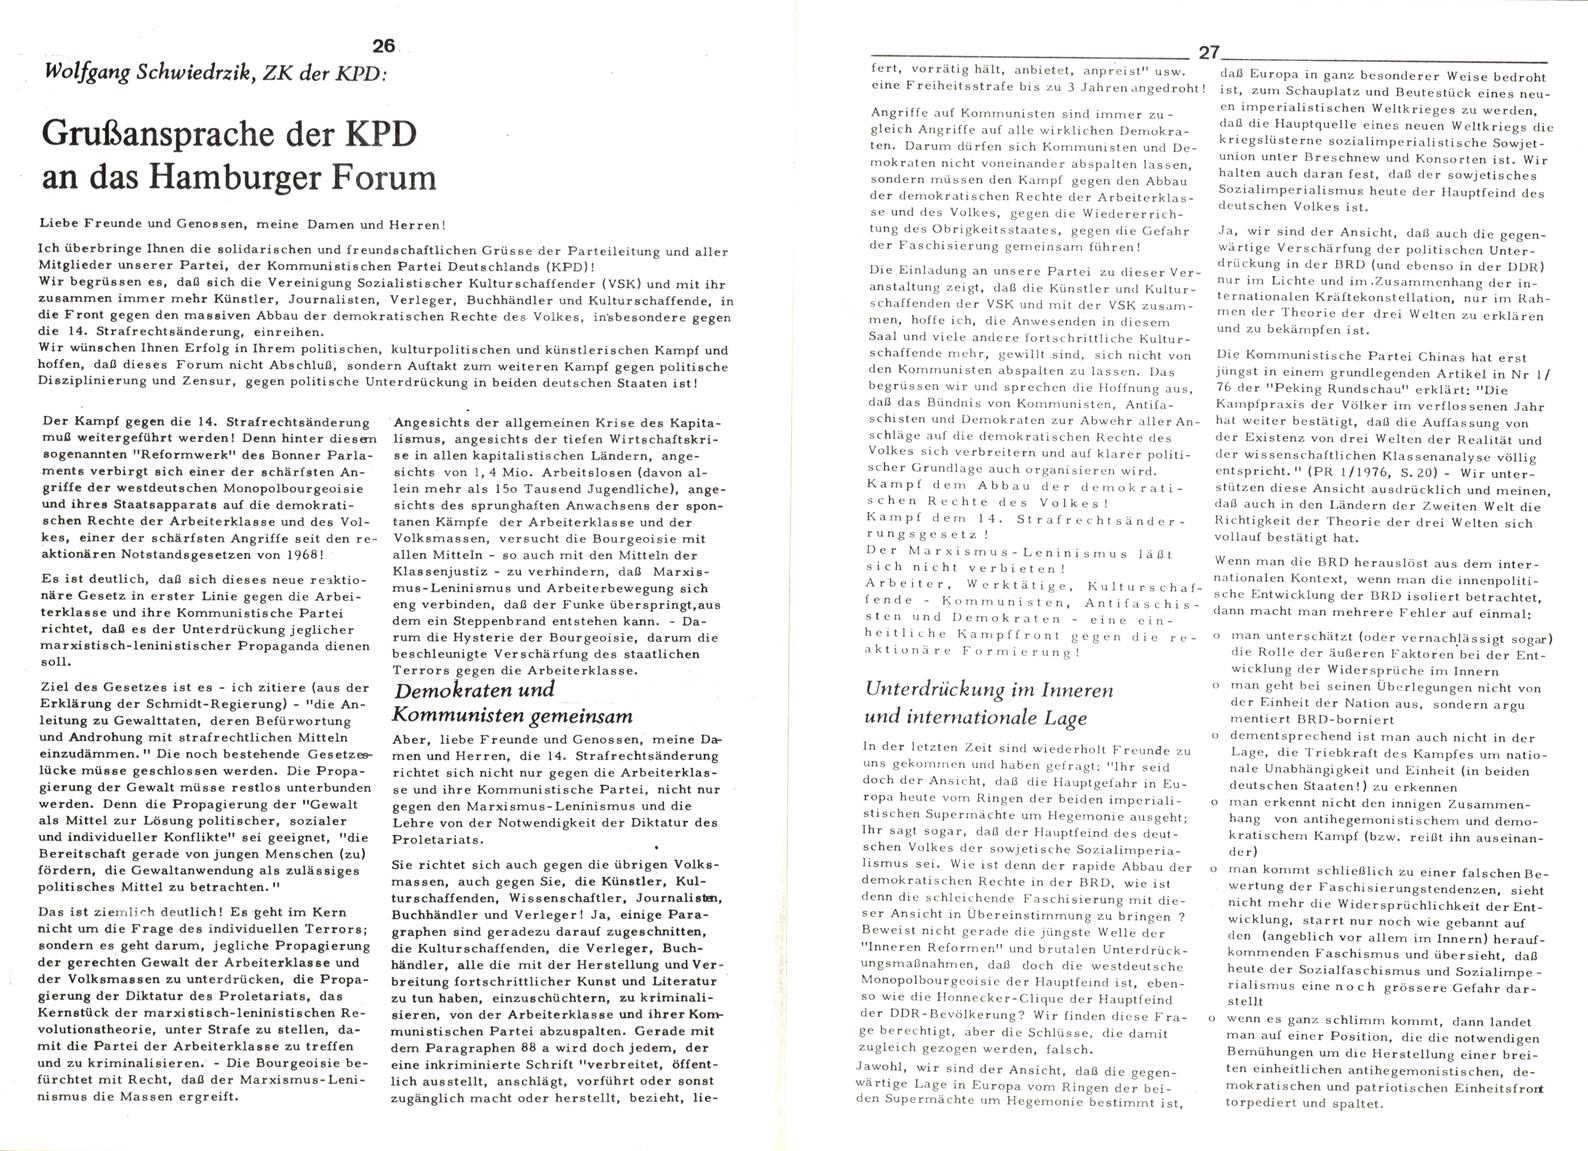 VSK_Kaempfende_Kunst_19760200_Sonderdruck_14